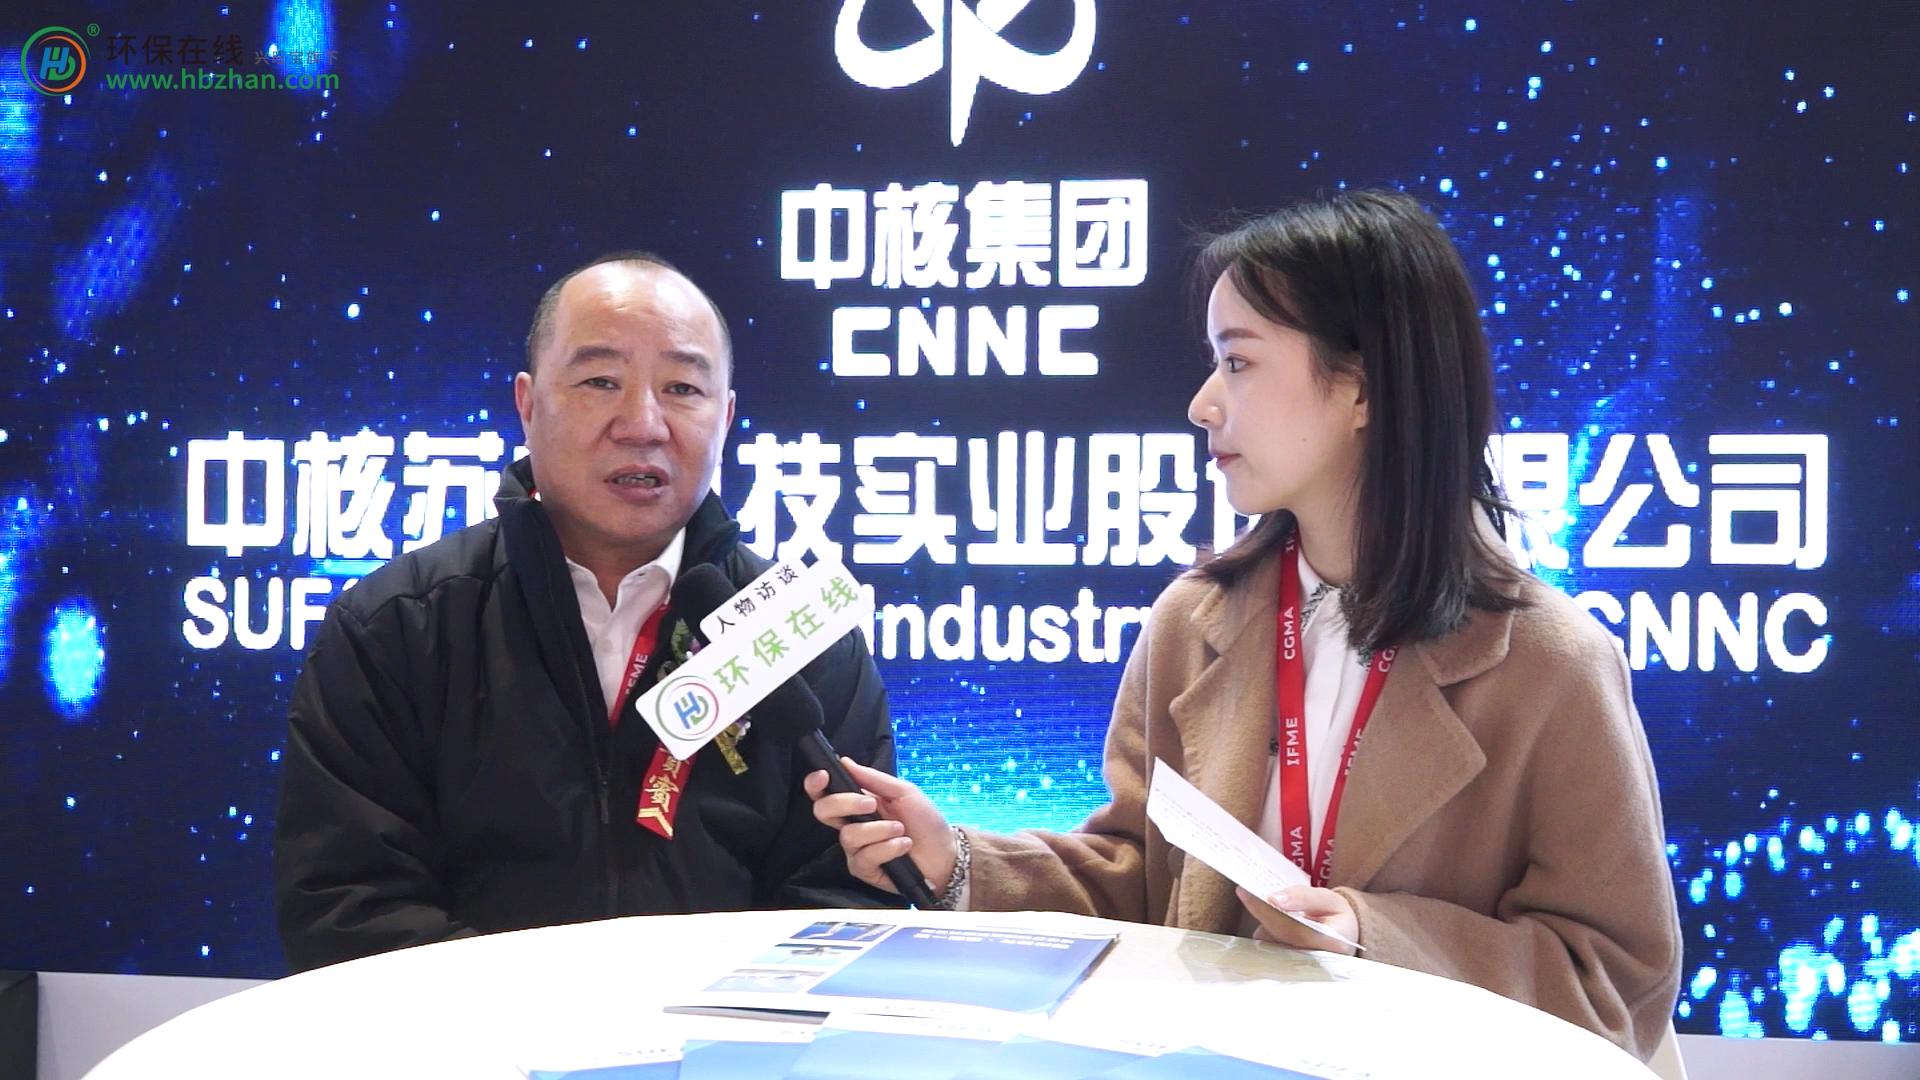 專訪︰中核甦閥科技實業股份有限公司董事長彭新英